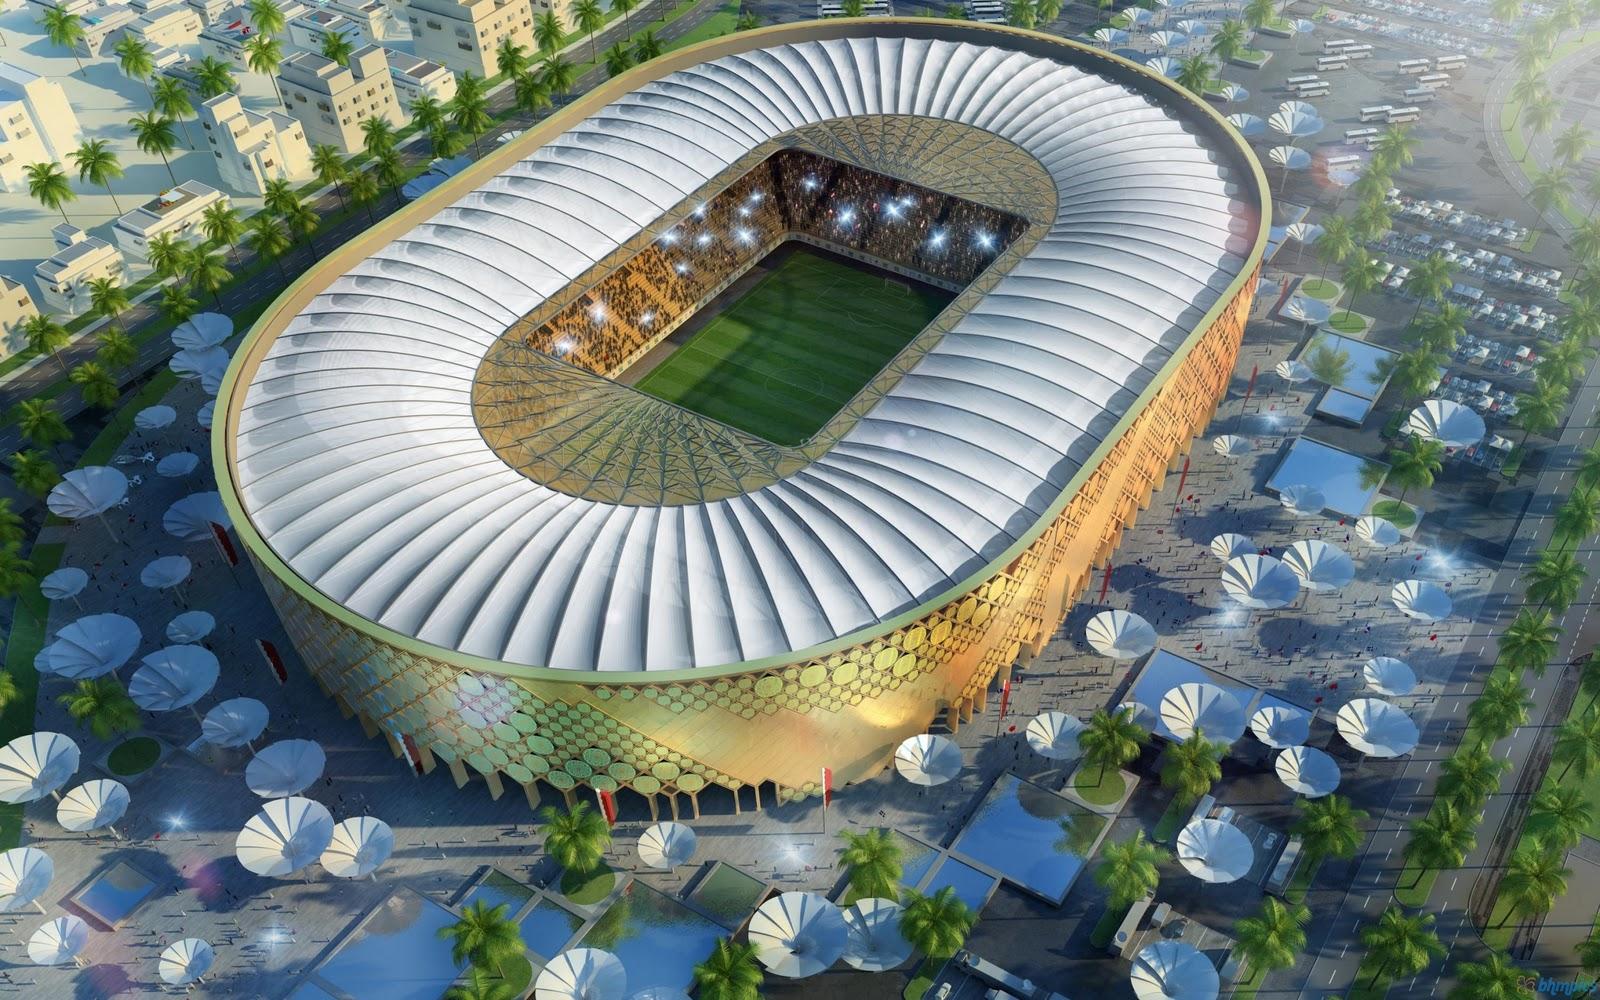 http://3.bp.blogspot.com/-UHyyRU396GI/TuhGC_cPEUI/AAAAAAAAAiU/_GZn1EeFFlM/s1600/sheikh_khalifa_international_stadium-2560x1600.jpg